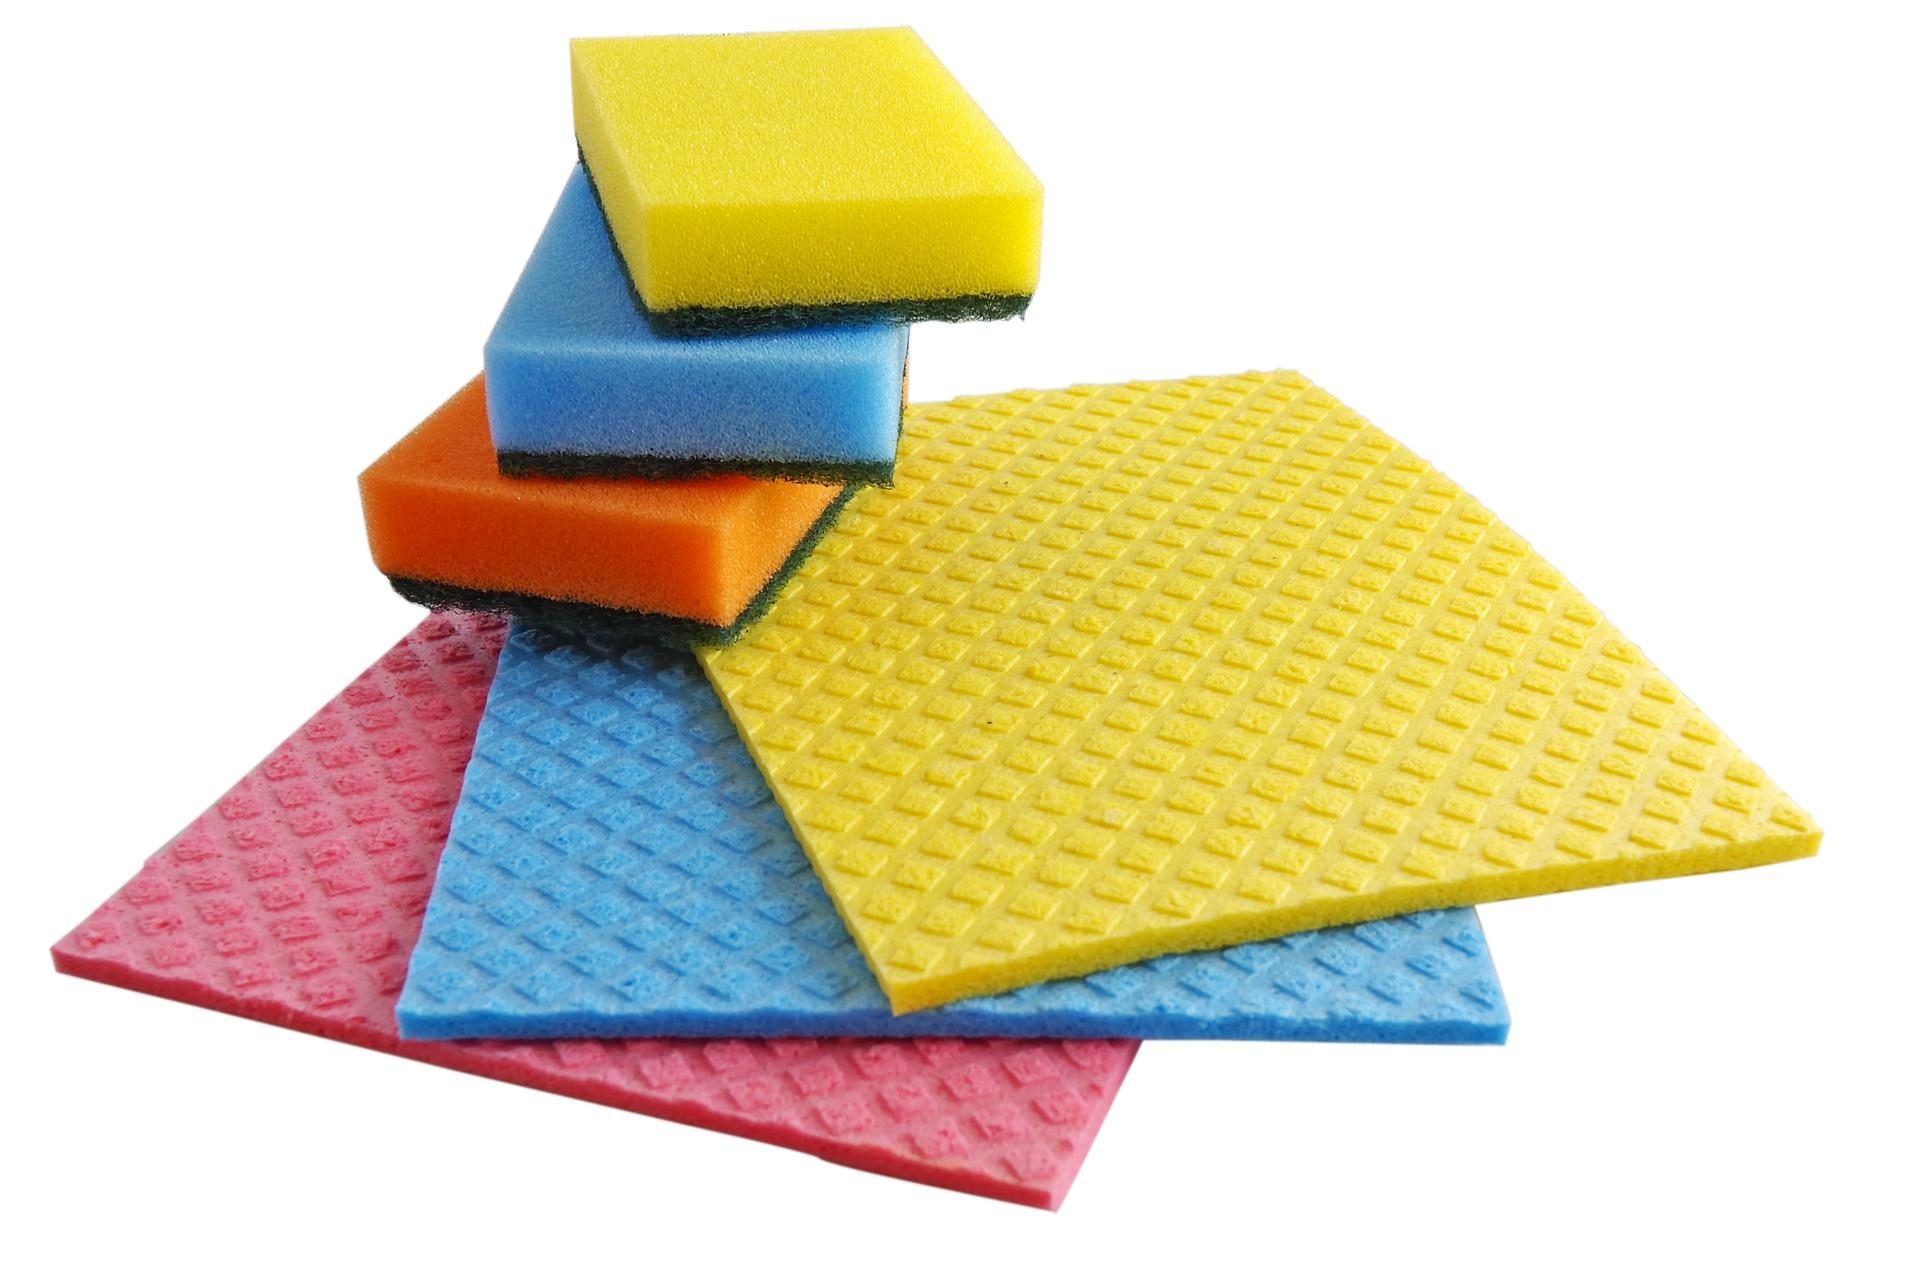 Usamos bayetas de colores para evitar la contaminación cruzada